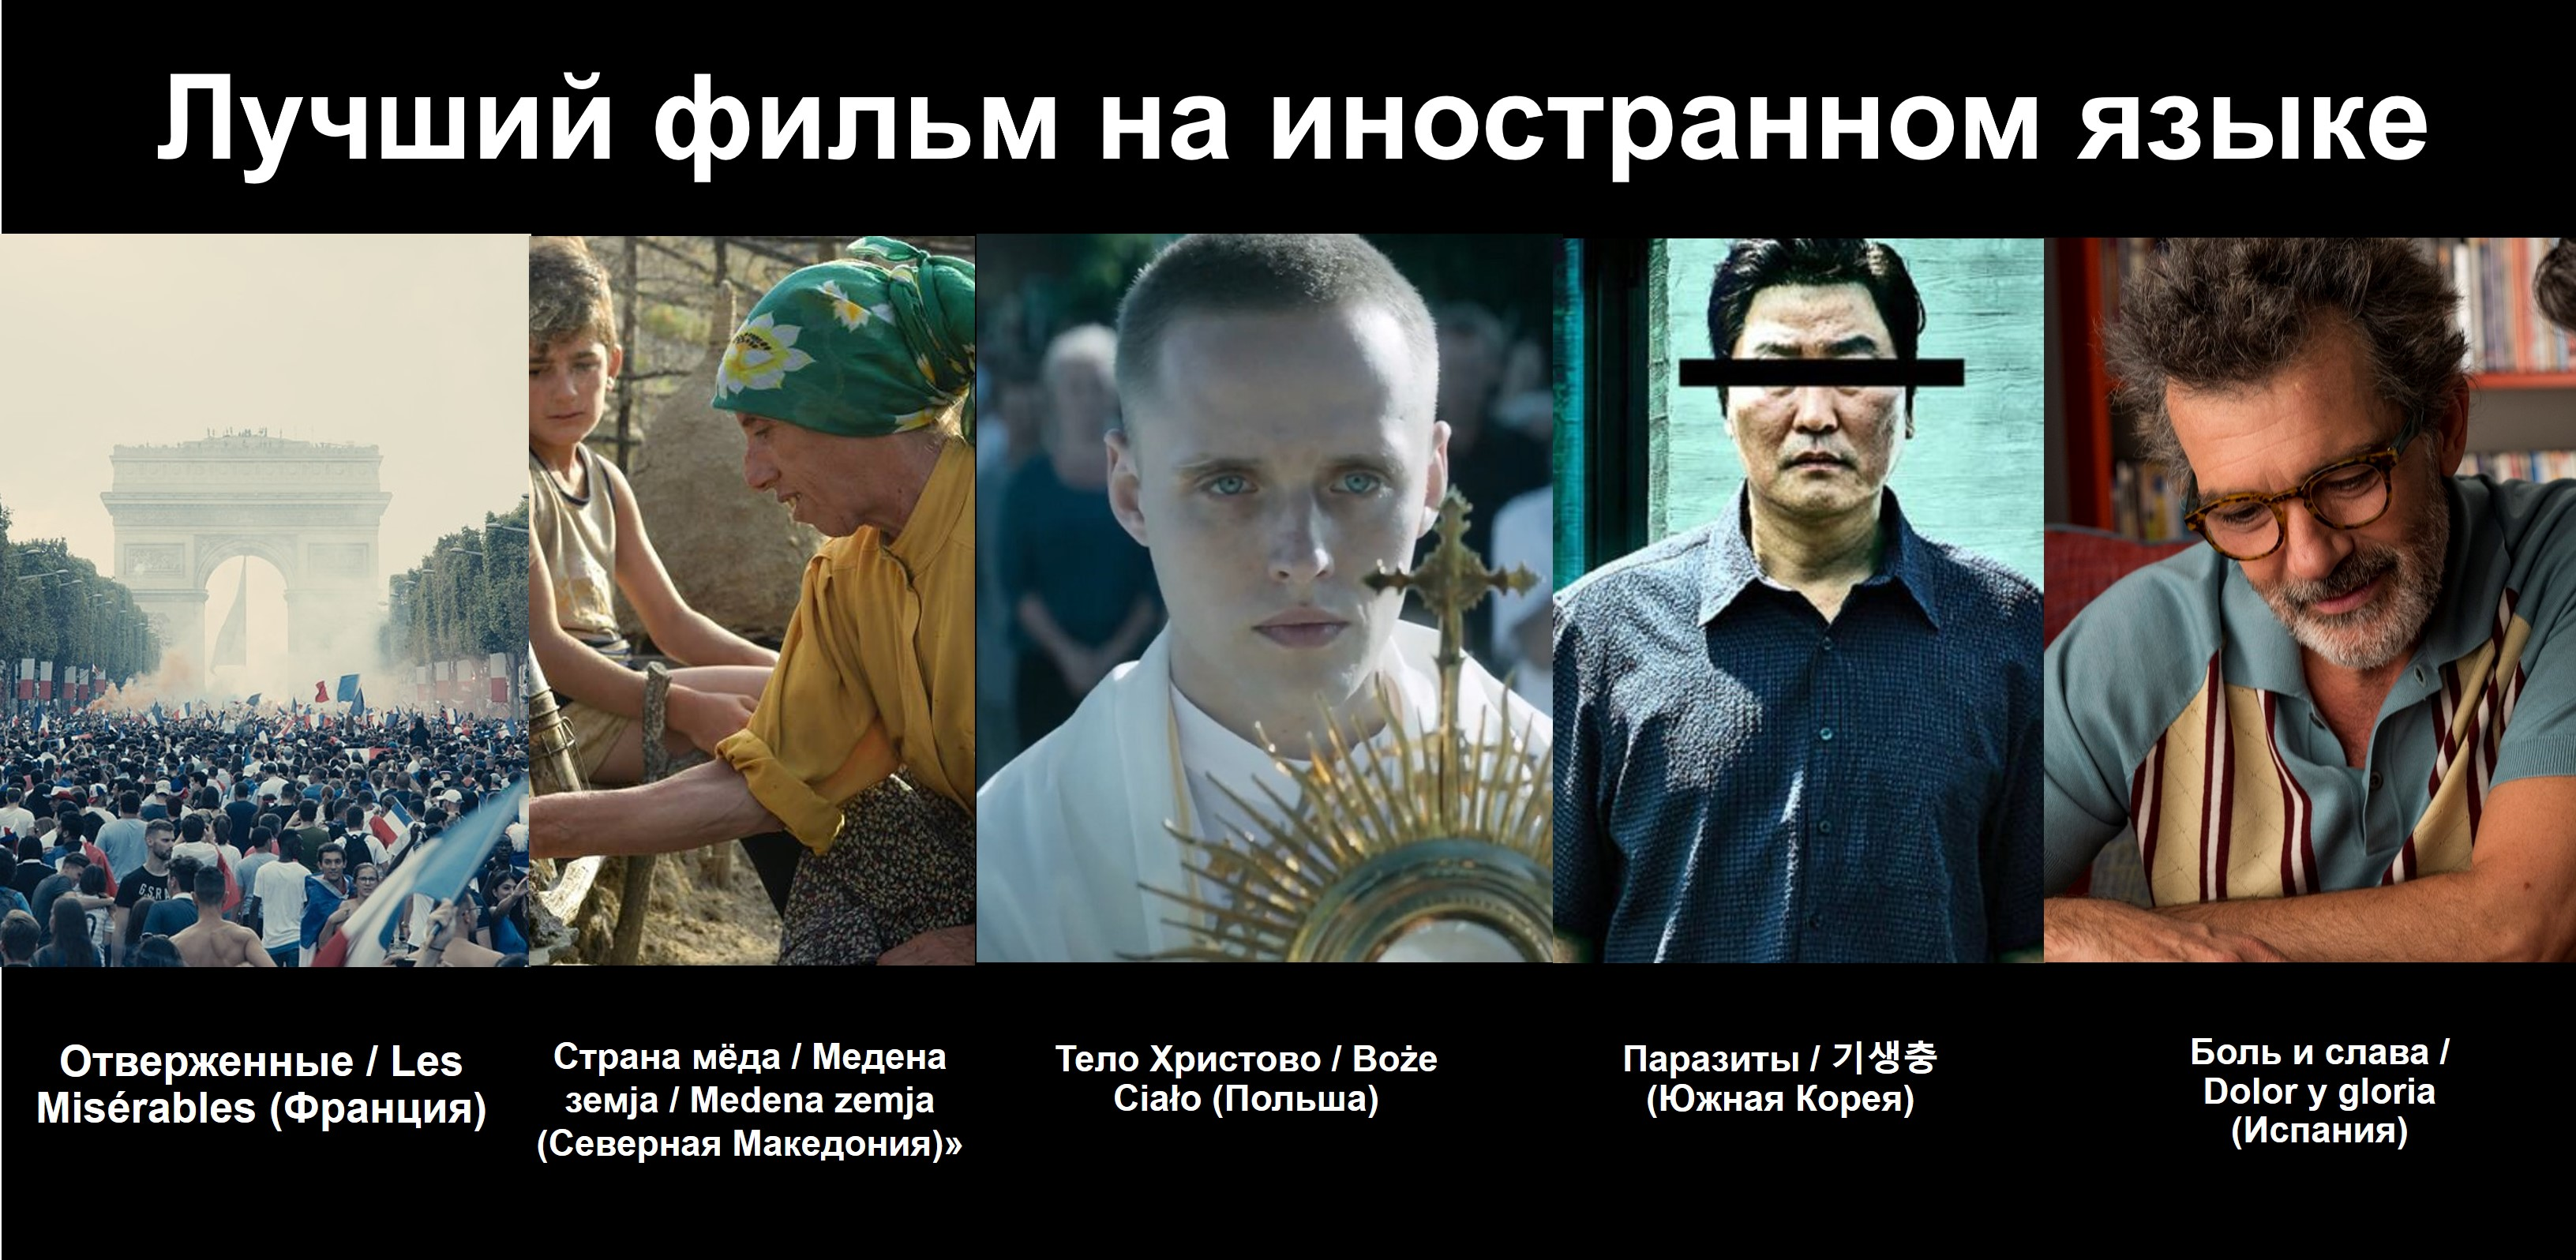 лучший фильм На иностранном языке Оскар 2020